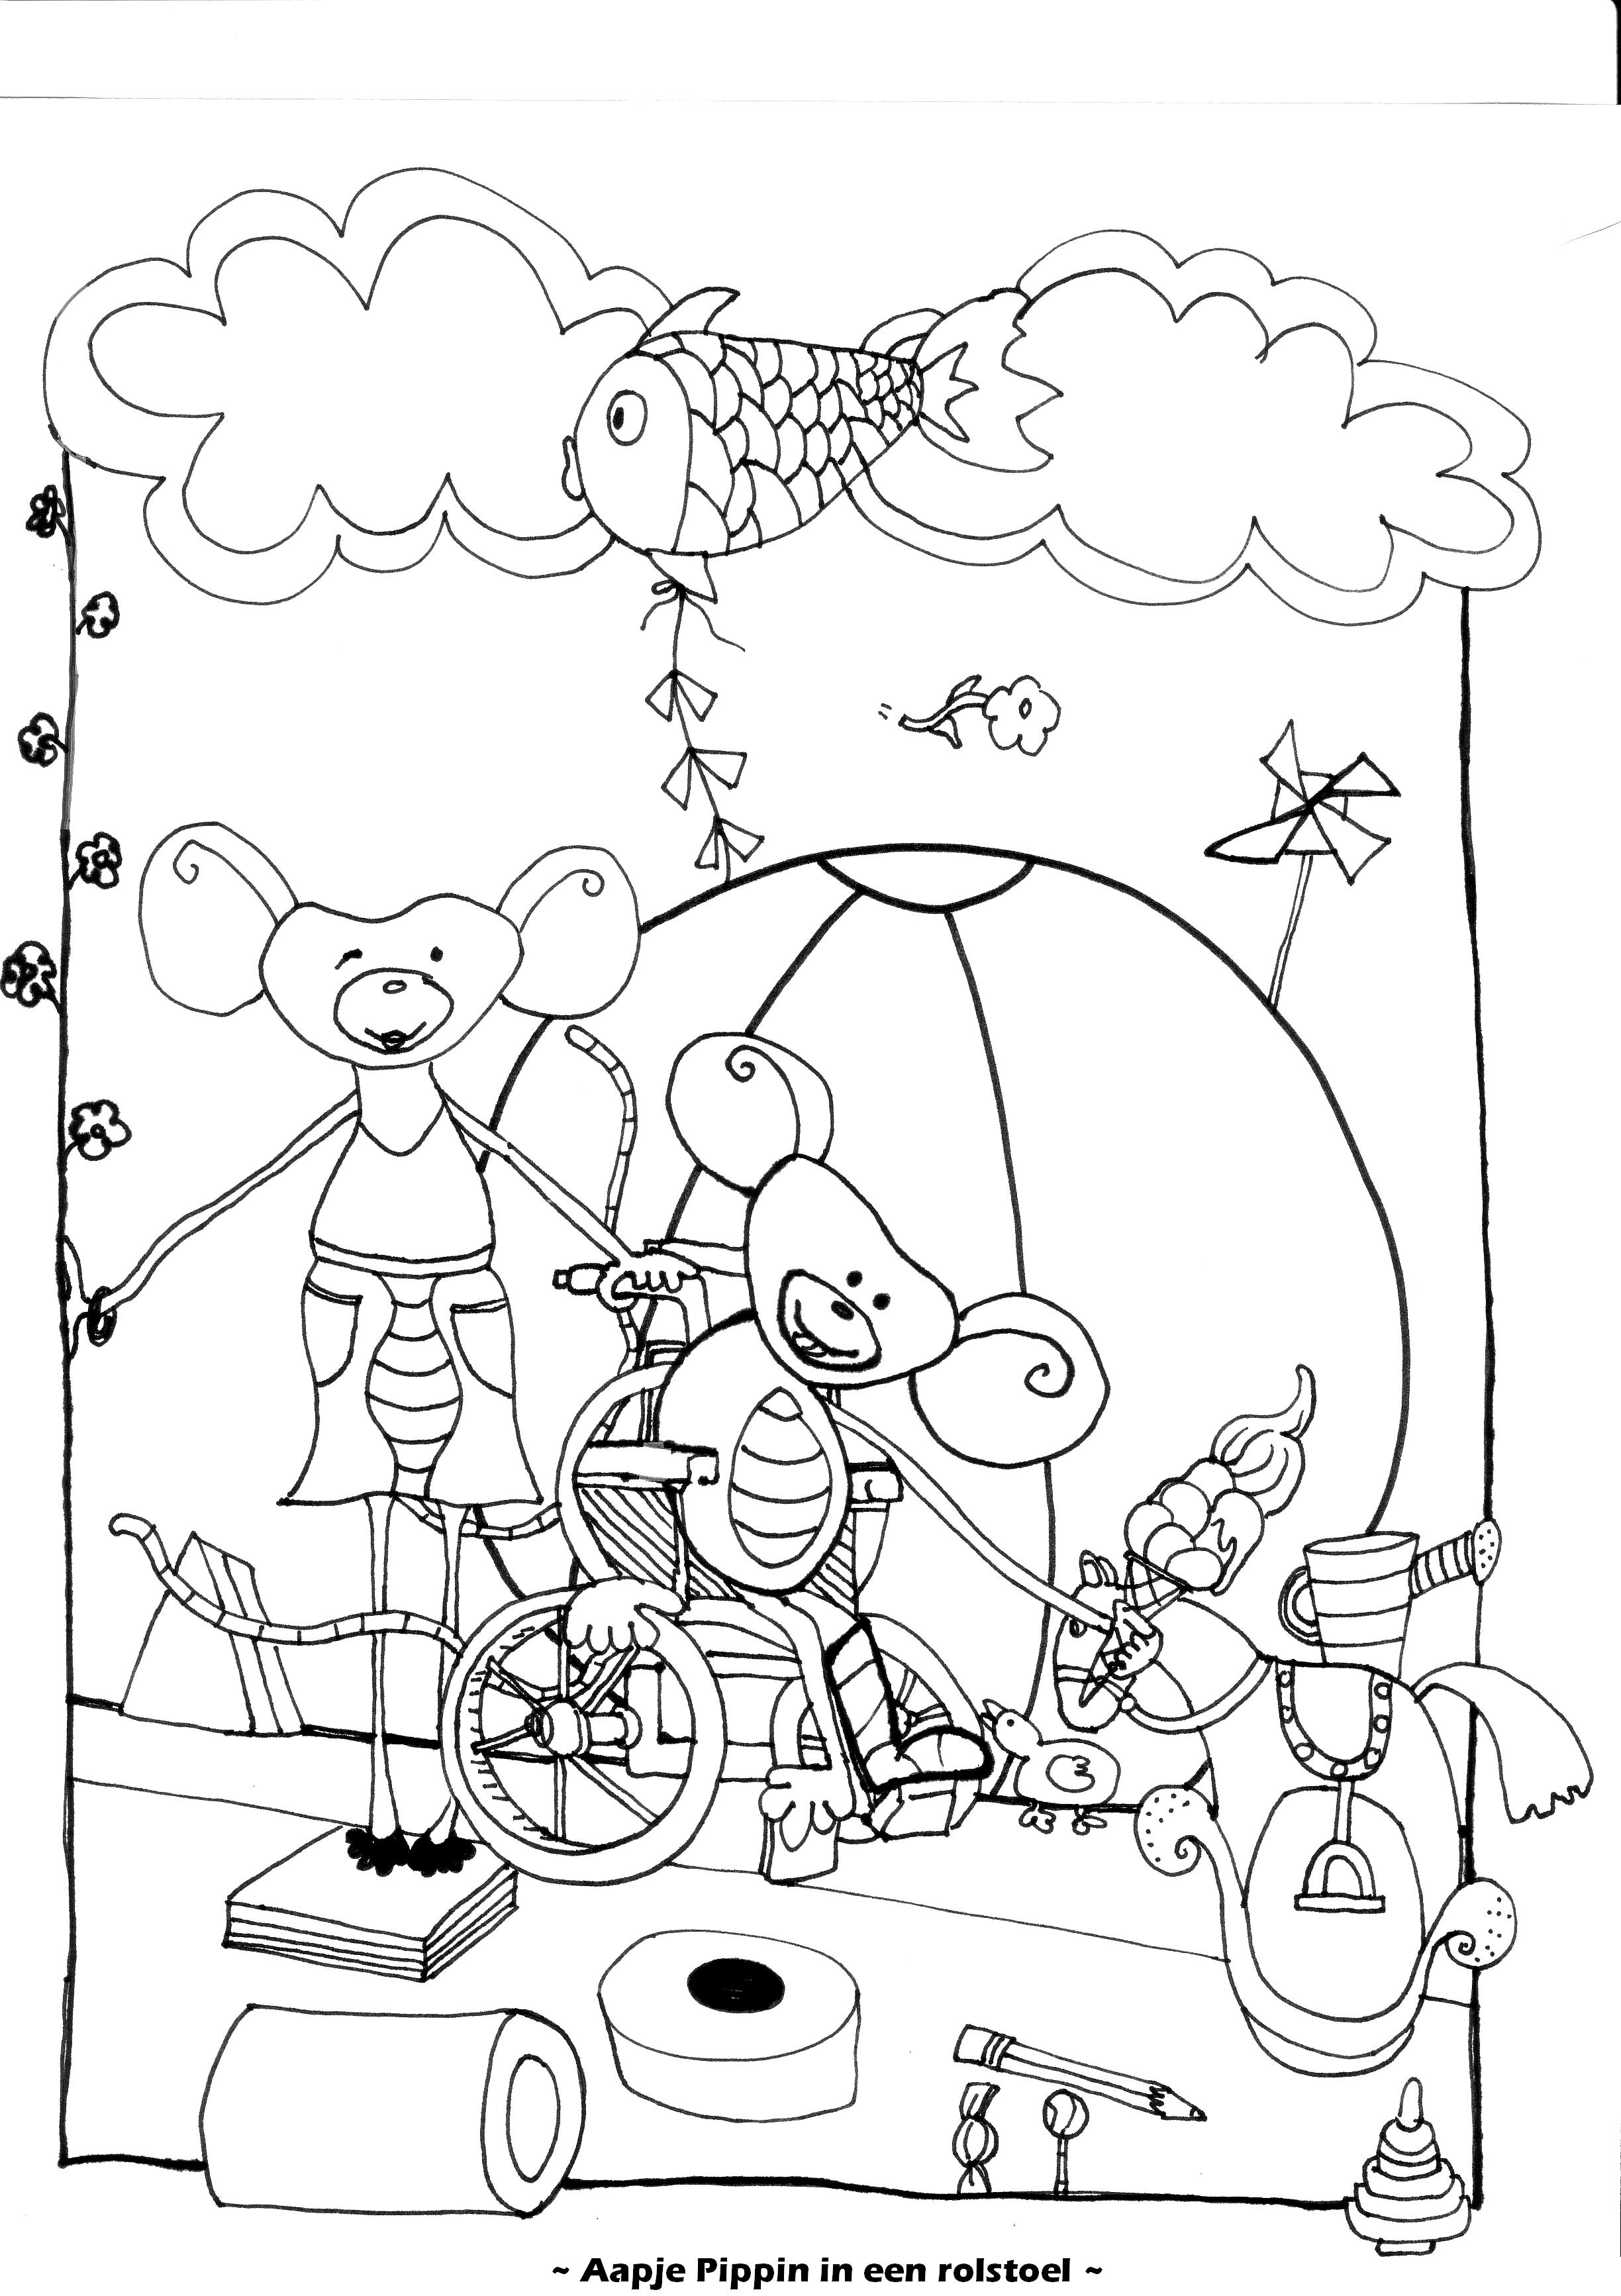 Aapje Pippin in een rolstoel